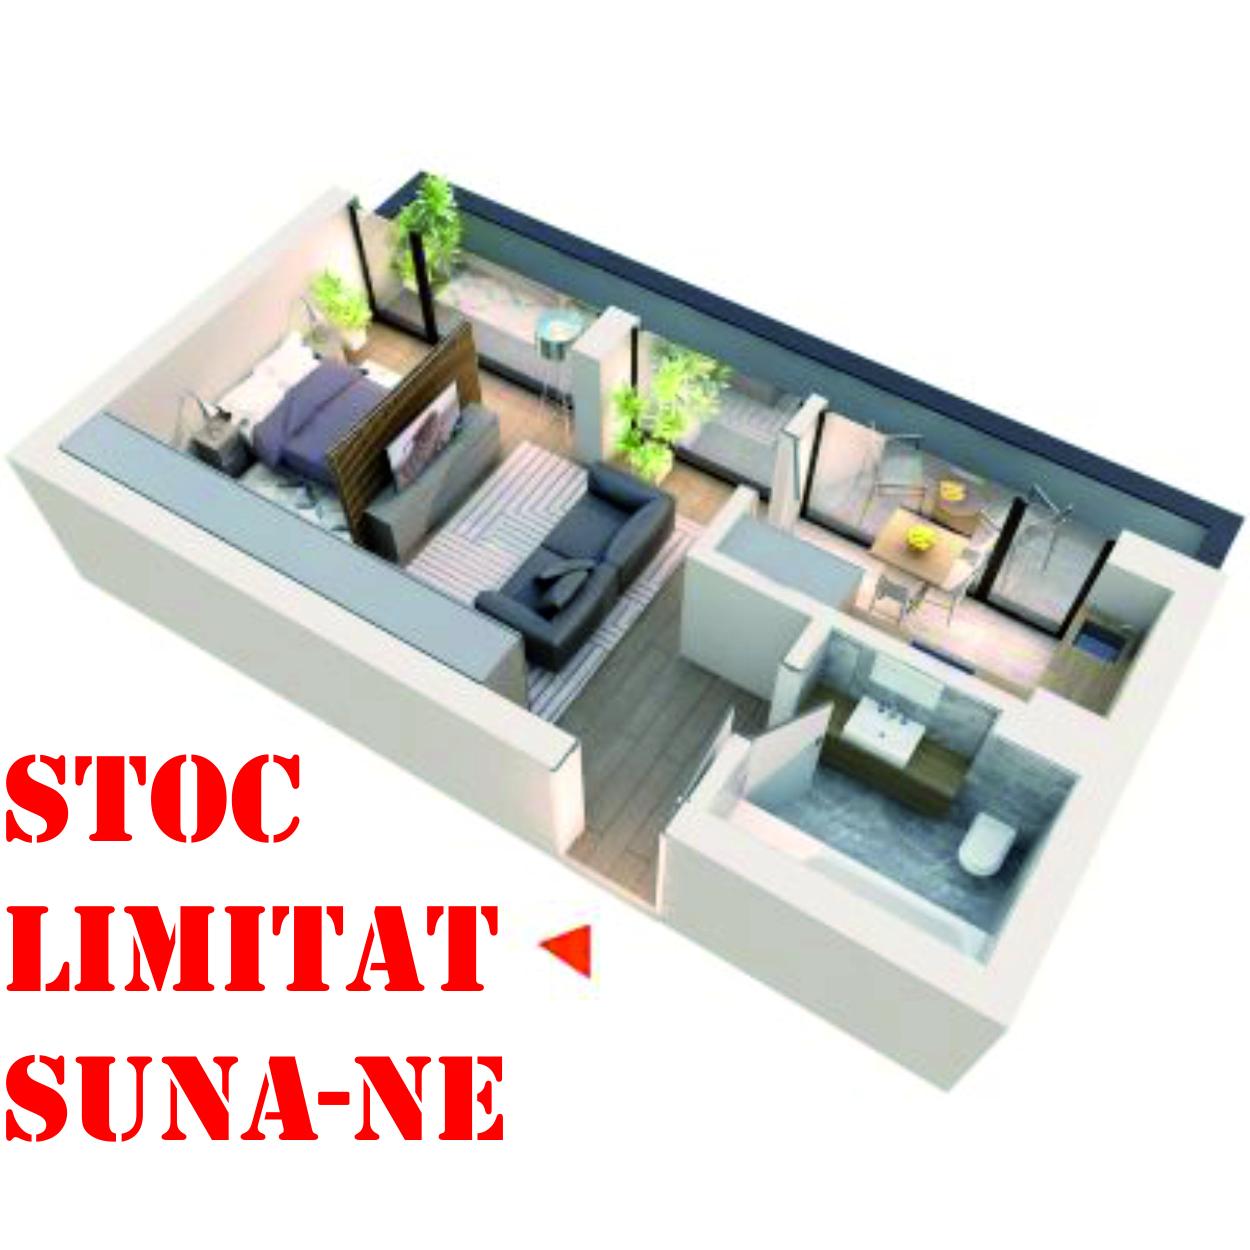 Apartament Studio tip 1C1 | Balcon | Etaj 4 | Corp C1 C2 C5 C6 | Faza 2